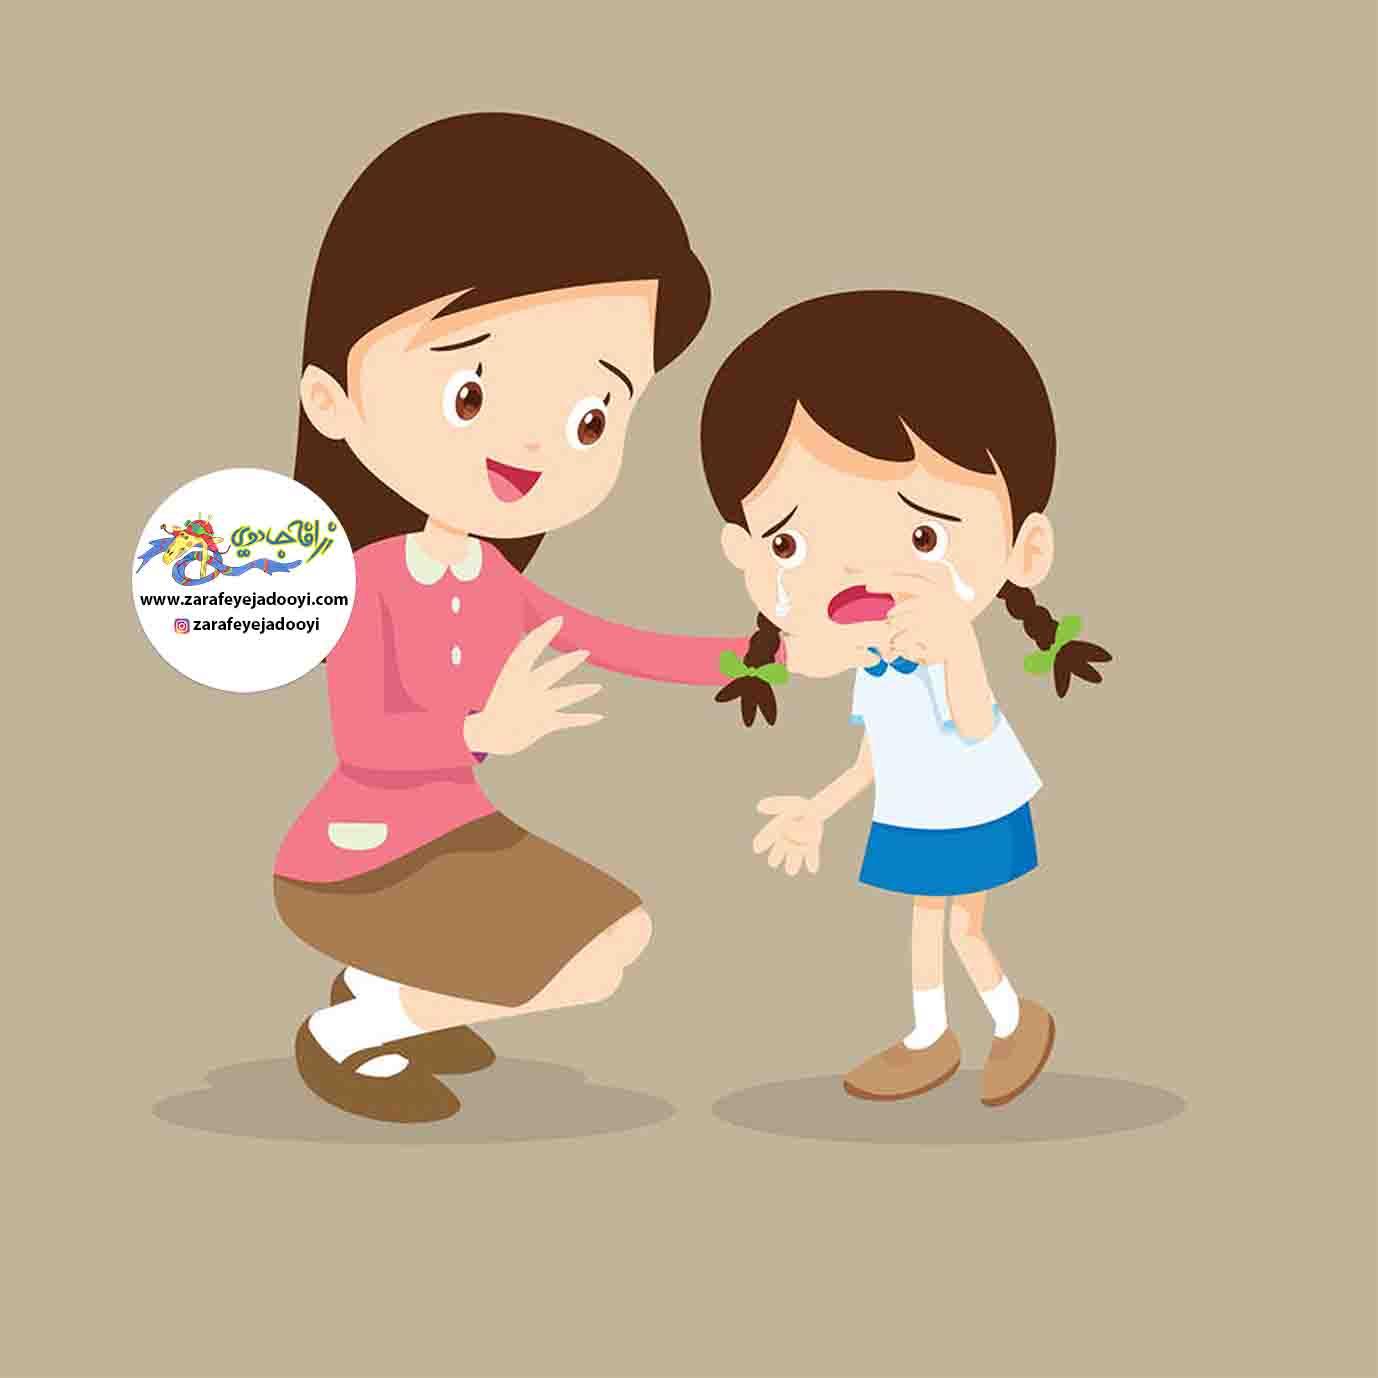 روانشناسی کودک چیست